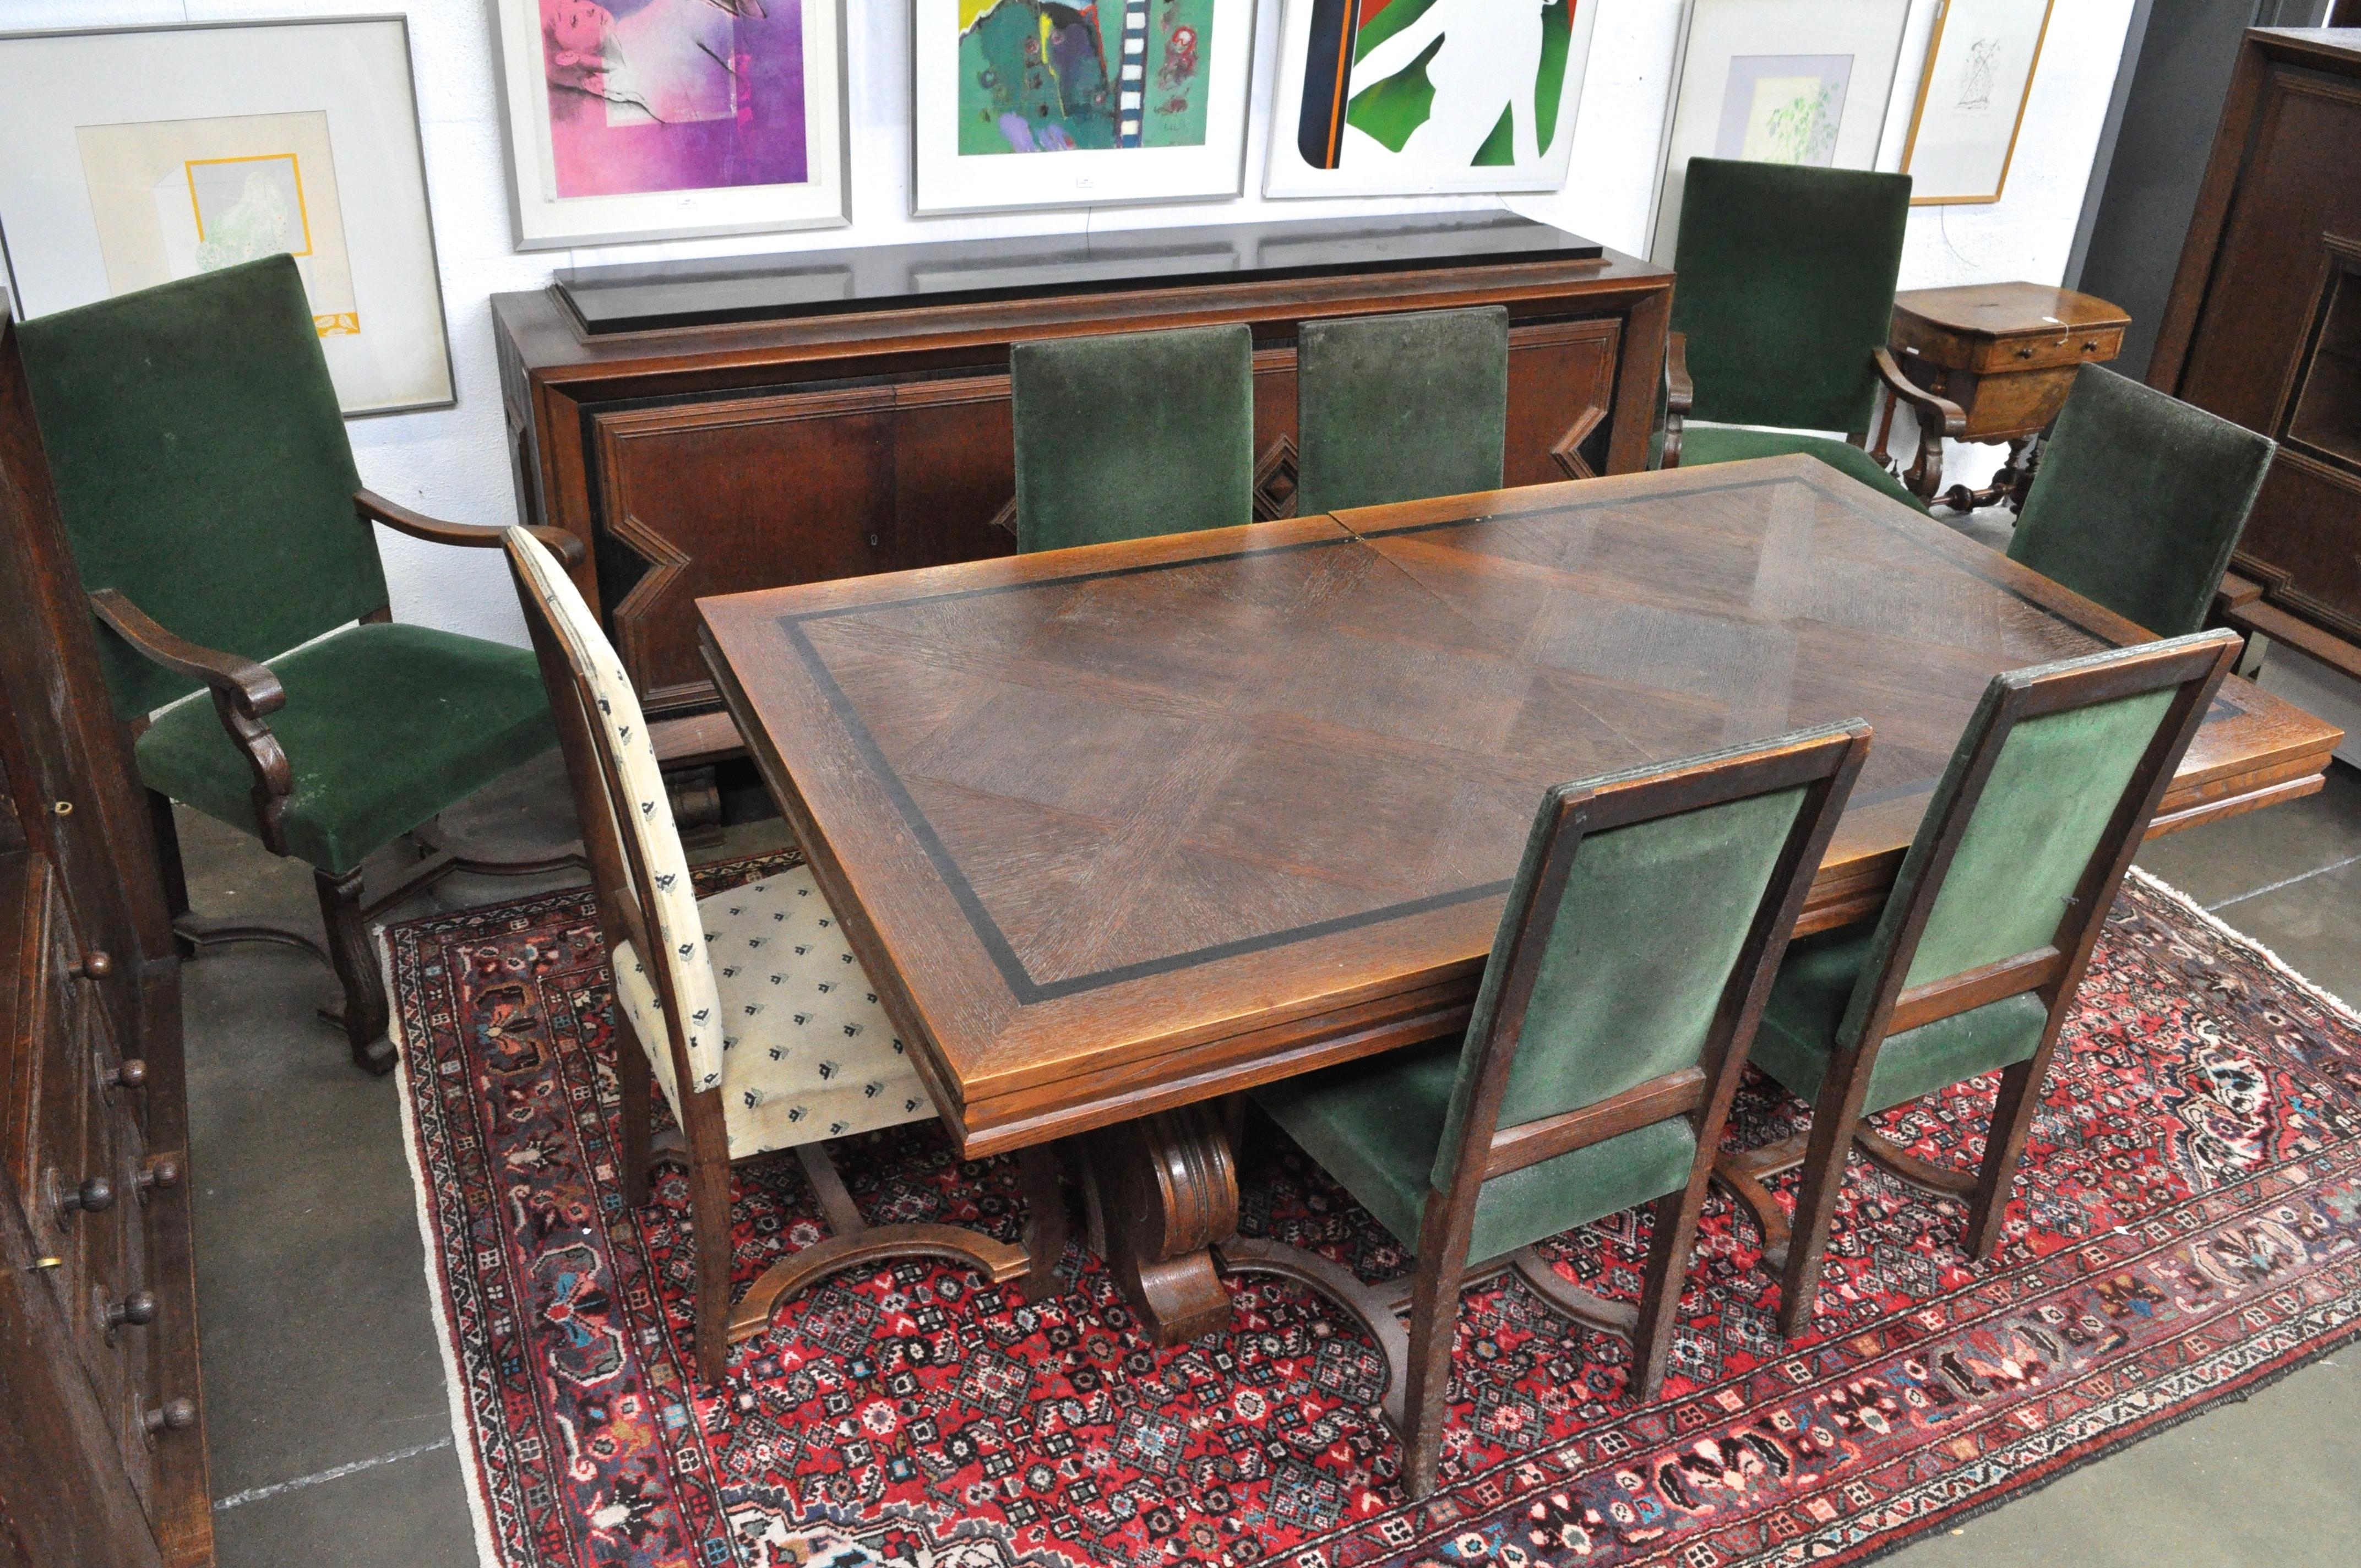 Een eikenhouten eetkamer in de geest van de art deco bestaande uit een grote tafel met zes - Eetkamer deco ...